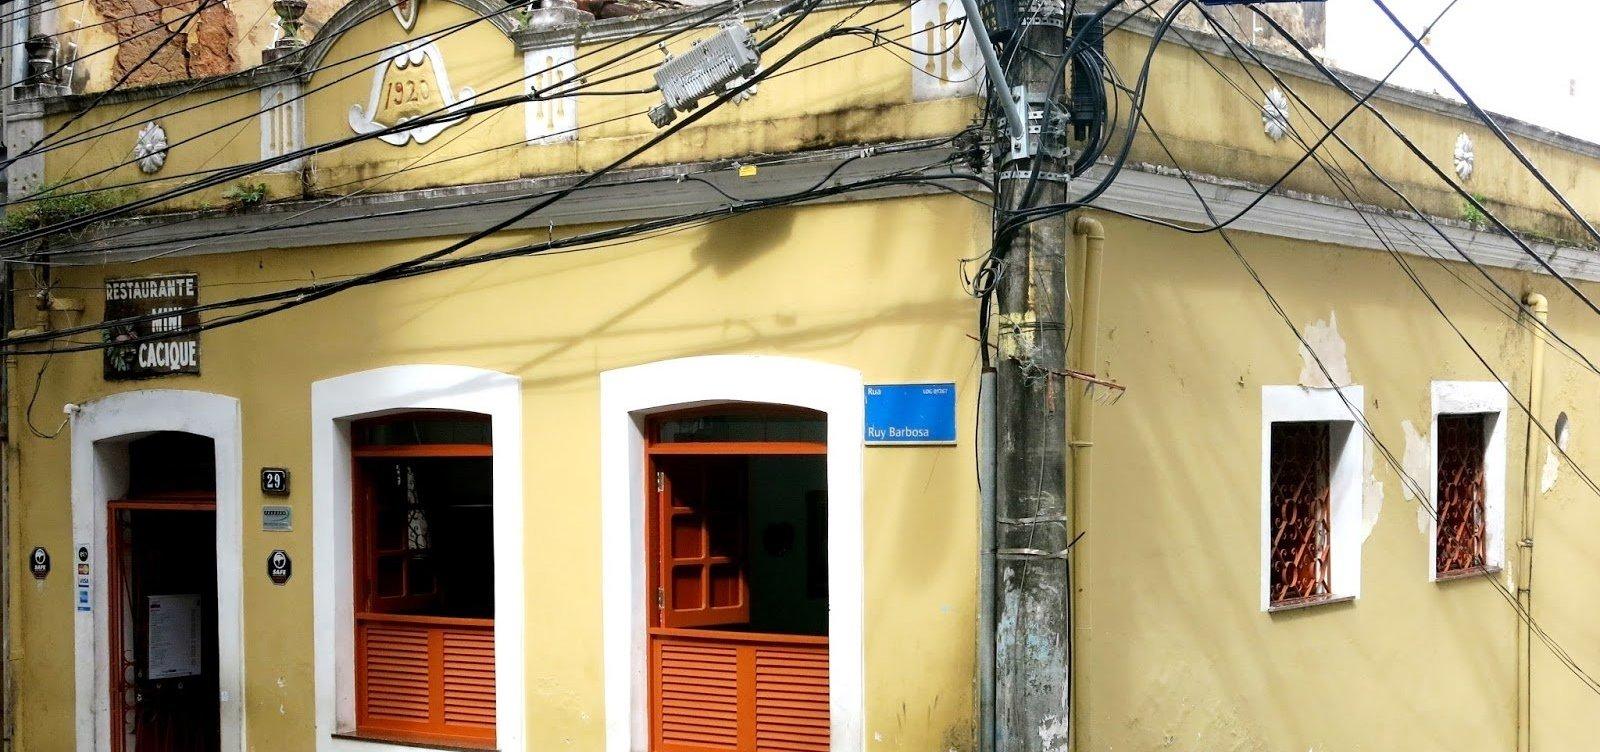 Restaurante Mini Cacique fecha e deixa a Bahia mais pobre